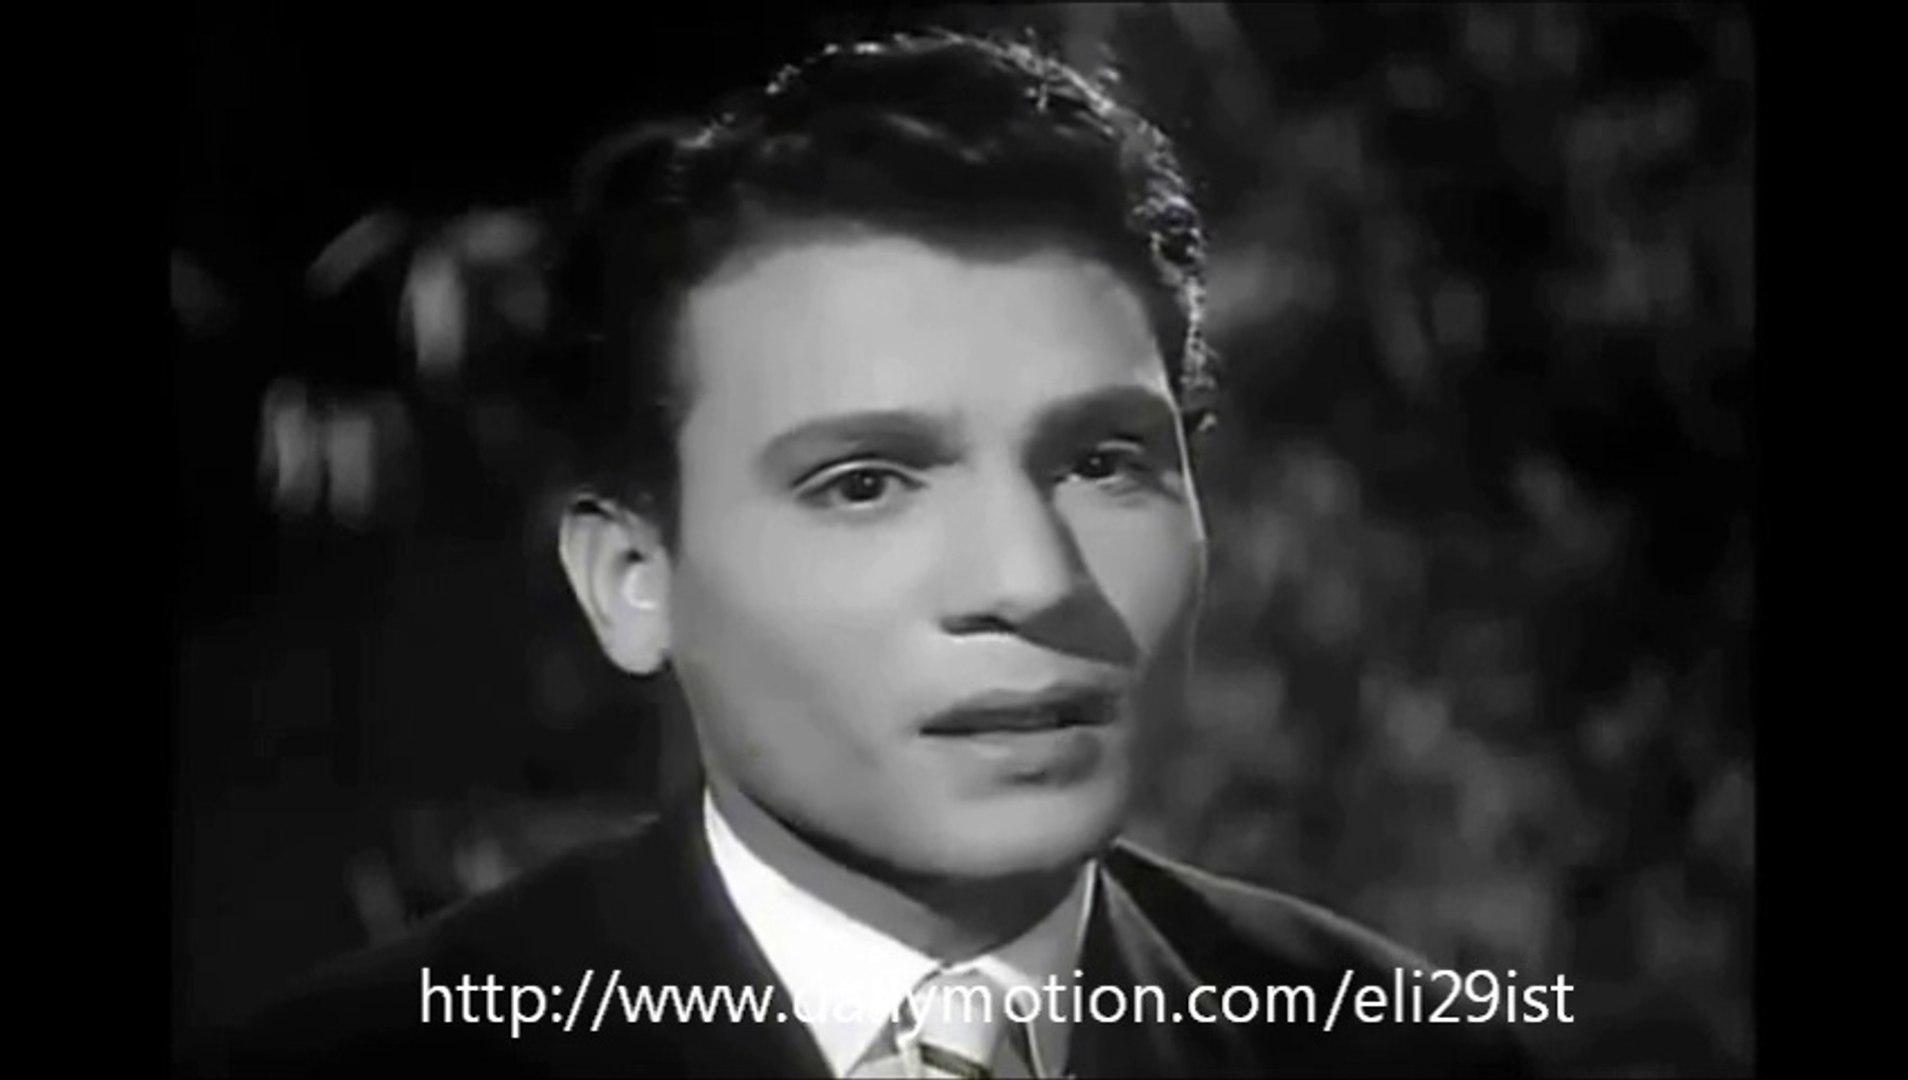 أغاني جميلة ورائعة من أفلام عبد الحليم حافظ Best Songs From The Films Of Abdel Halim Hafez